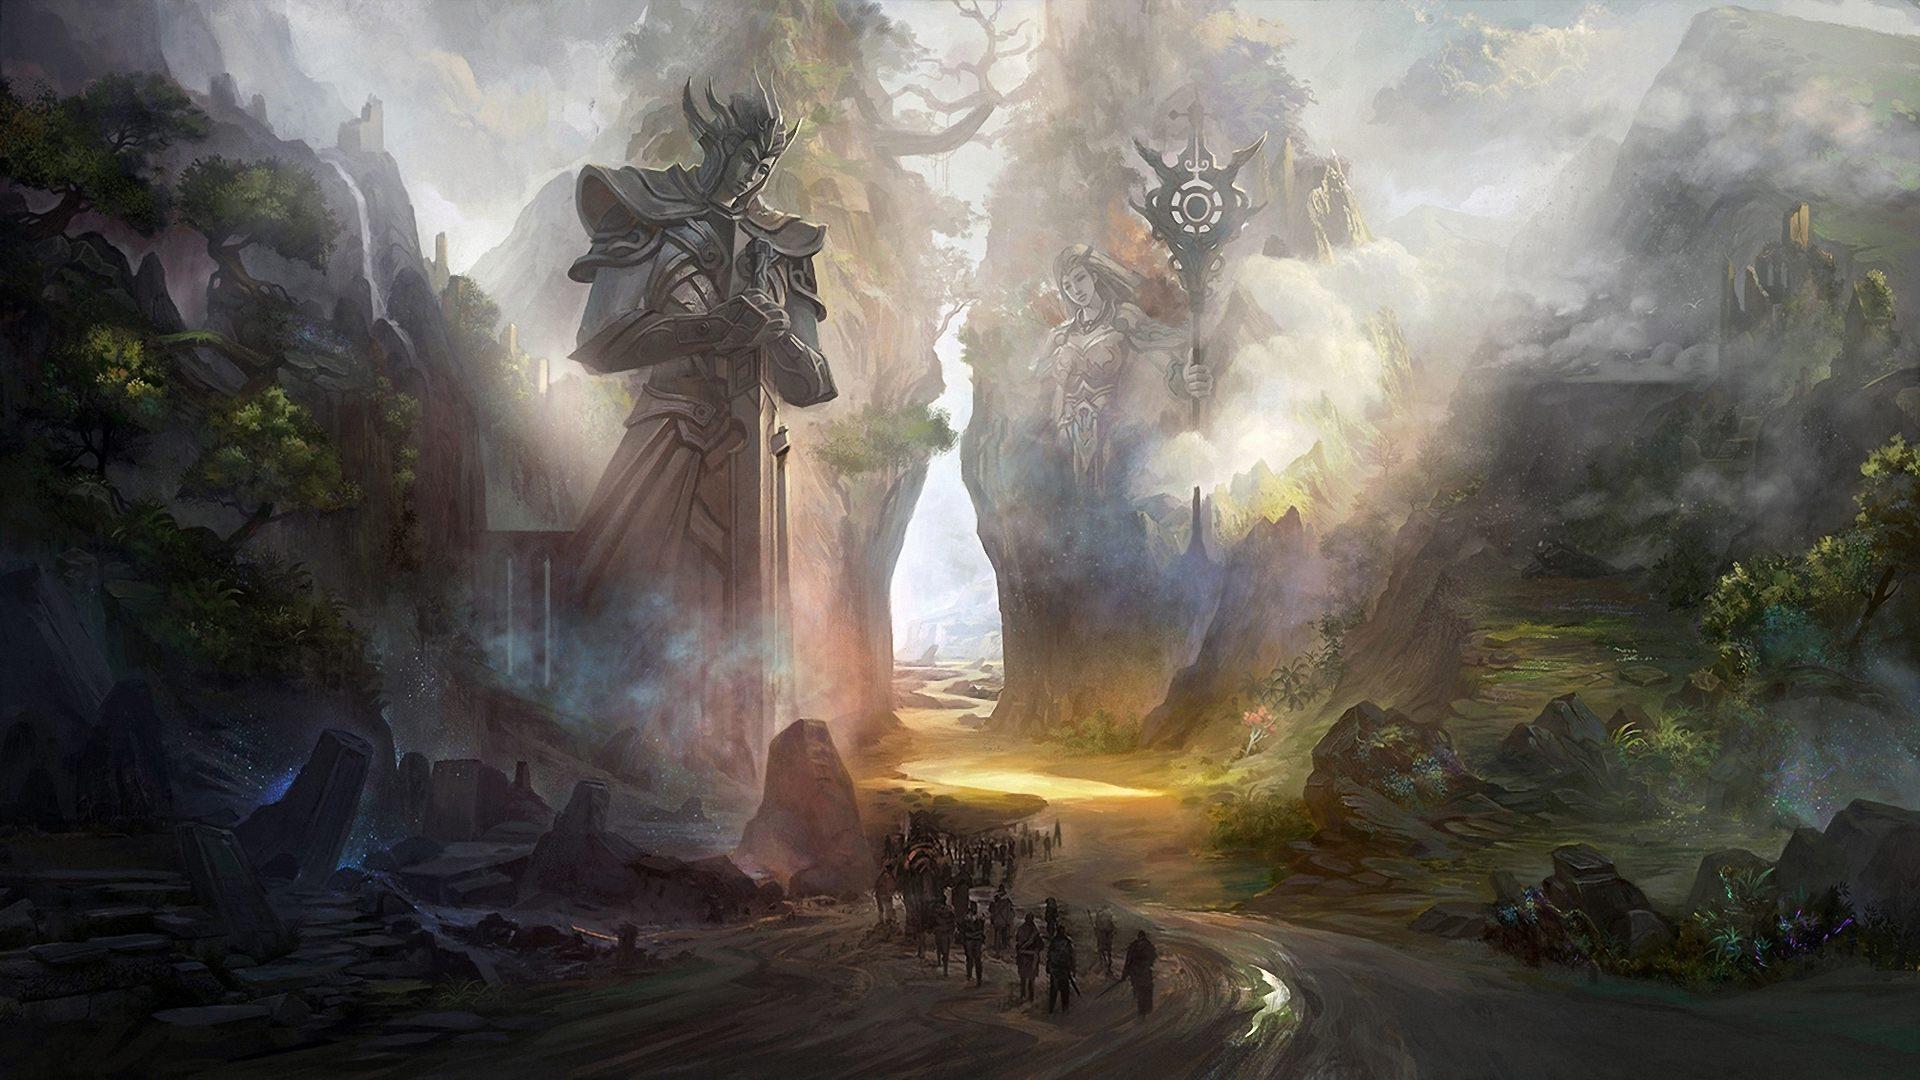 [75+] Fantasy Wallpaper Hd on WallpaperSafari